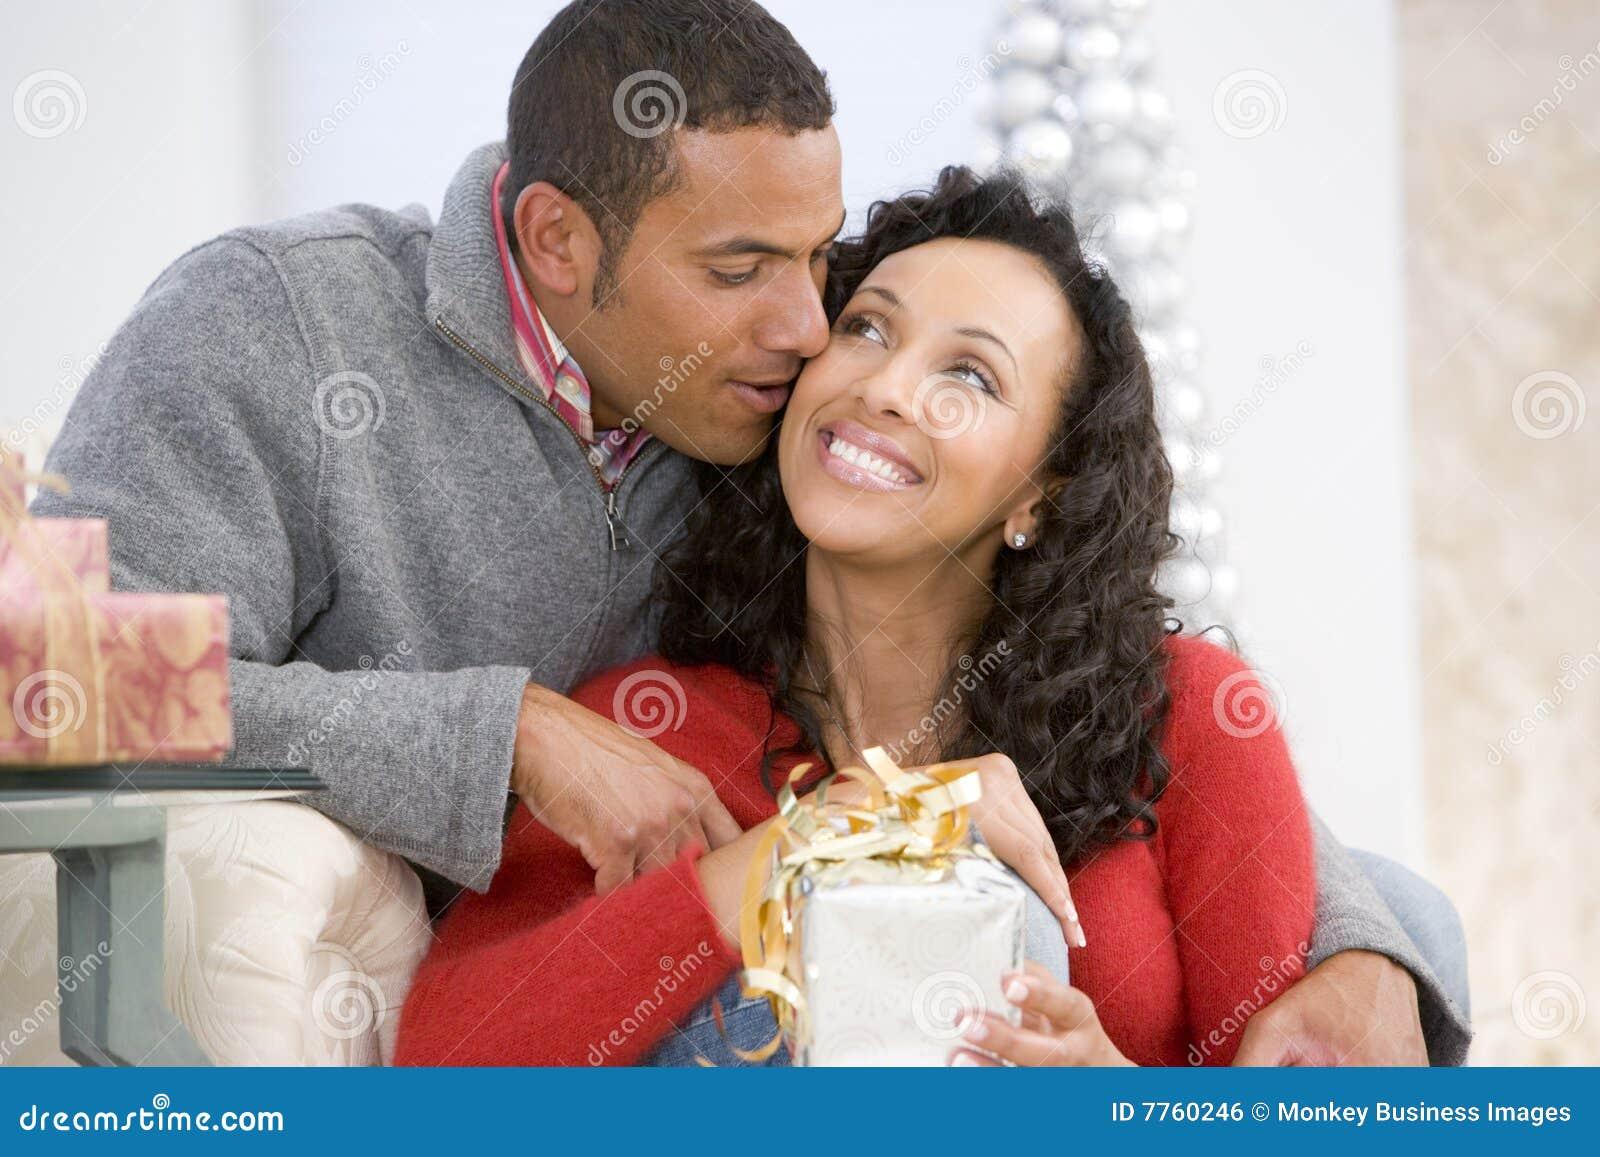 Ehemann Und Frau, Die Weihnachtsgeschenke Austauschen Stockfoto ...